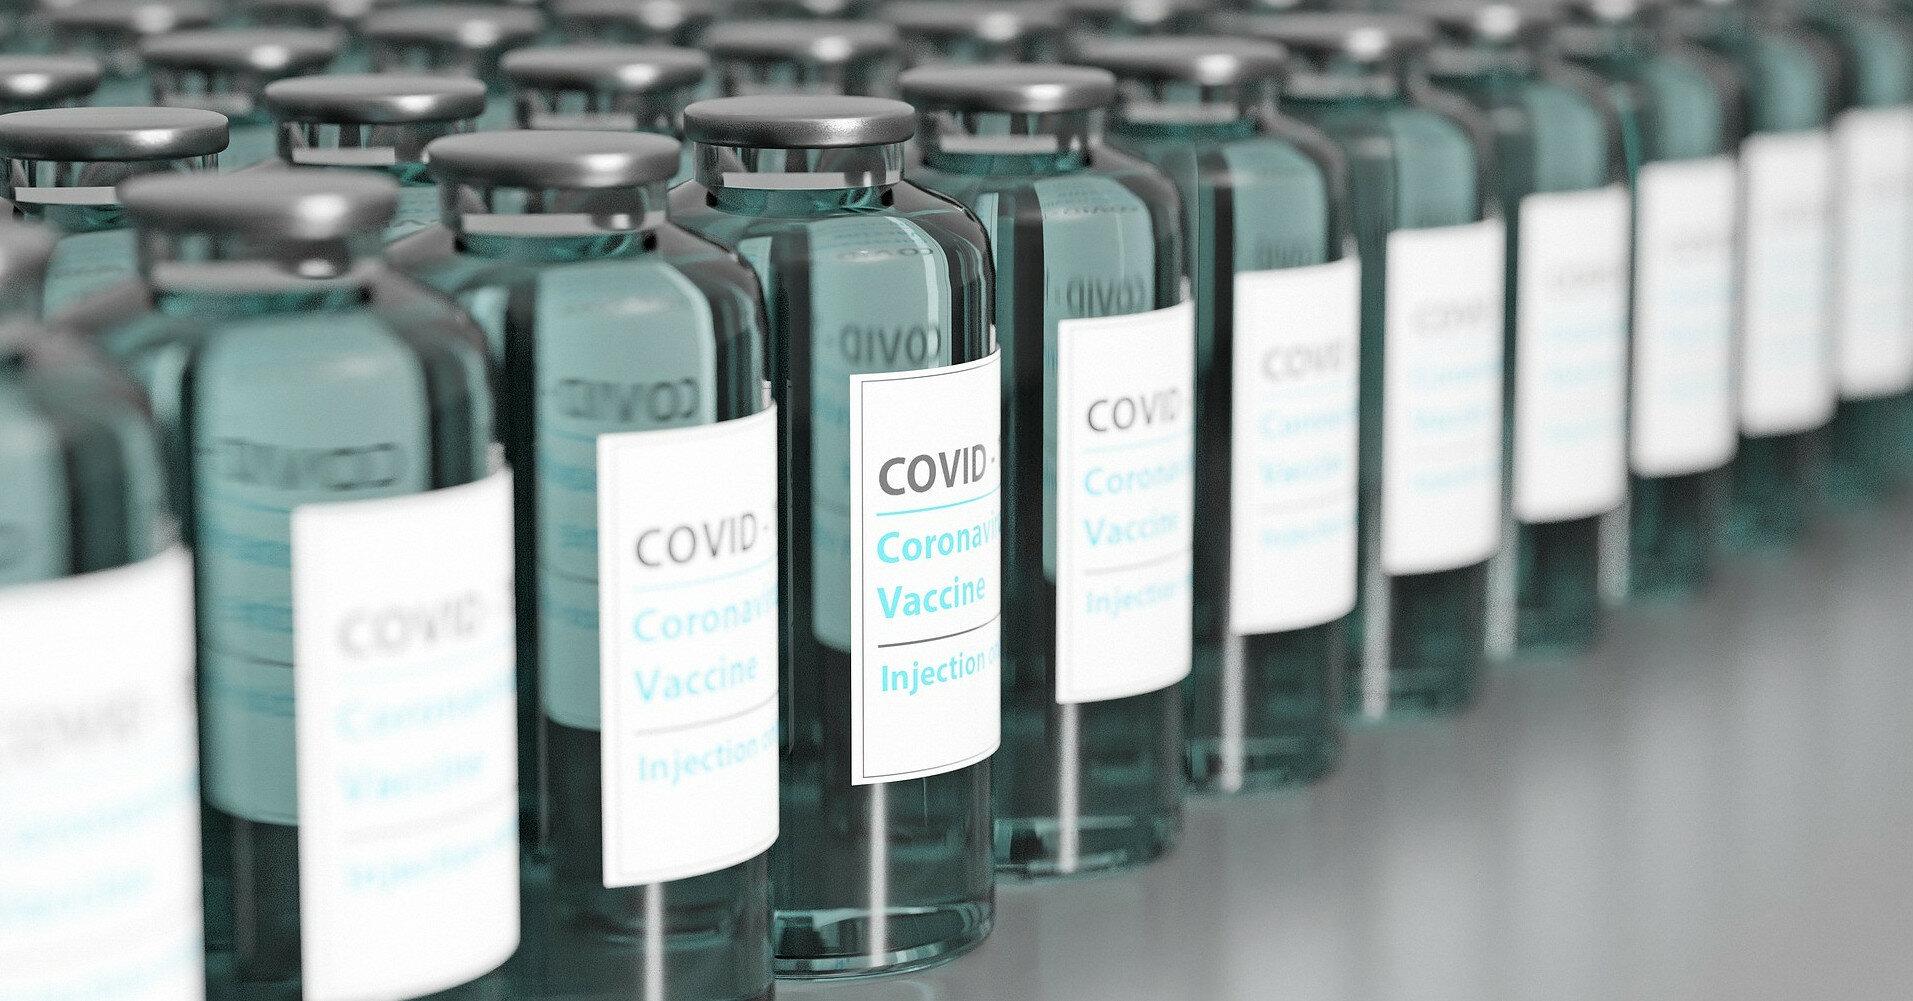 В Минздраве сообщили, что вакцинальные центры откроют в каждом райцентре